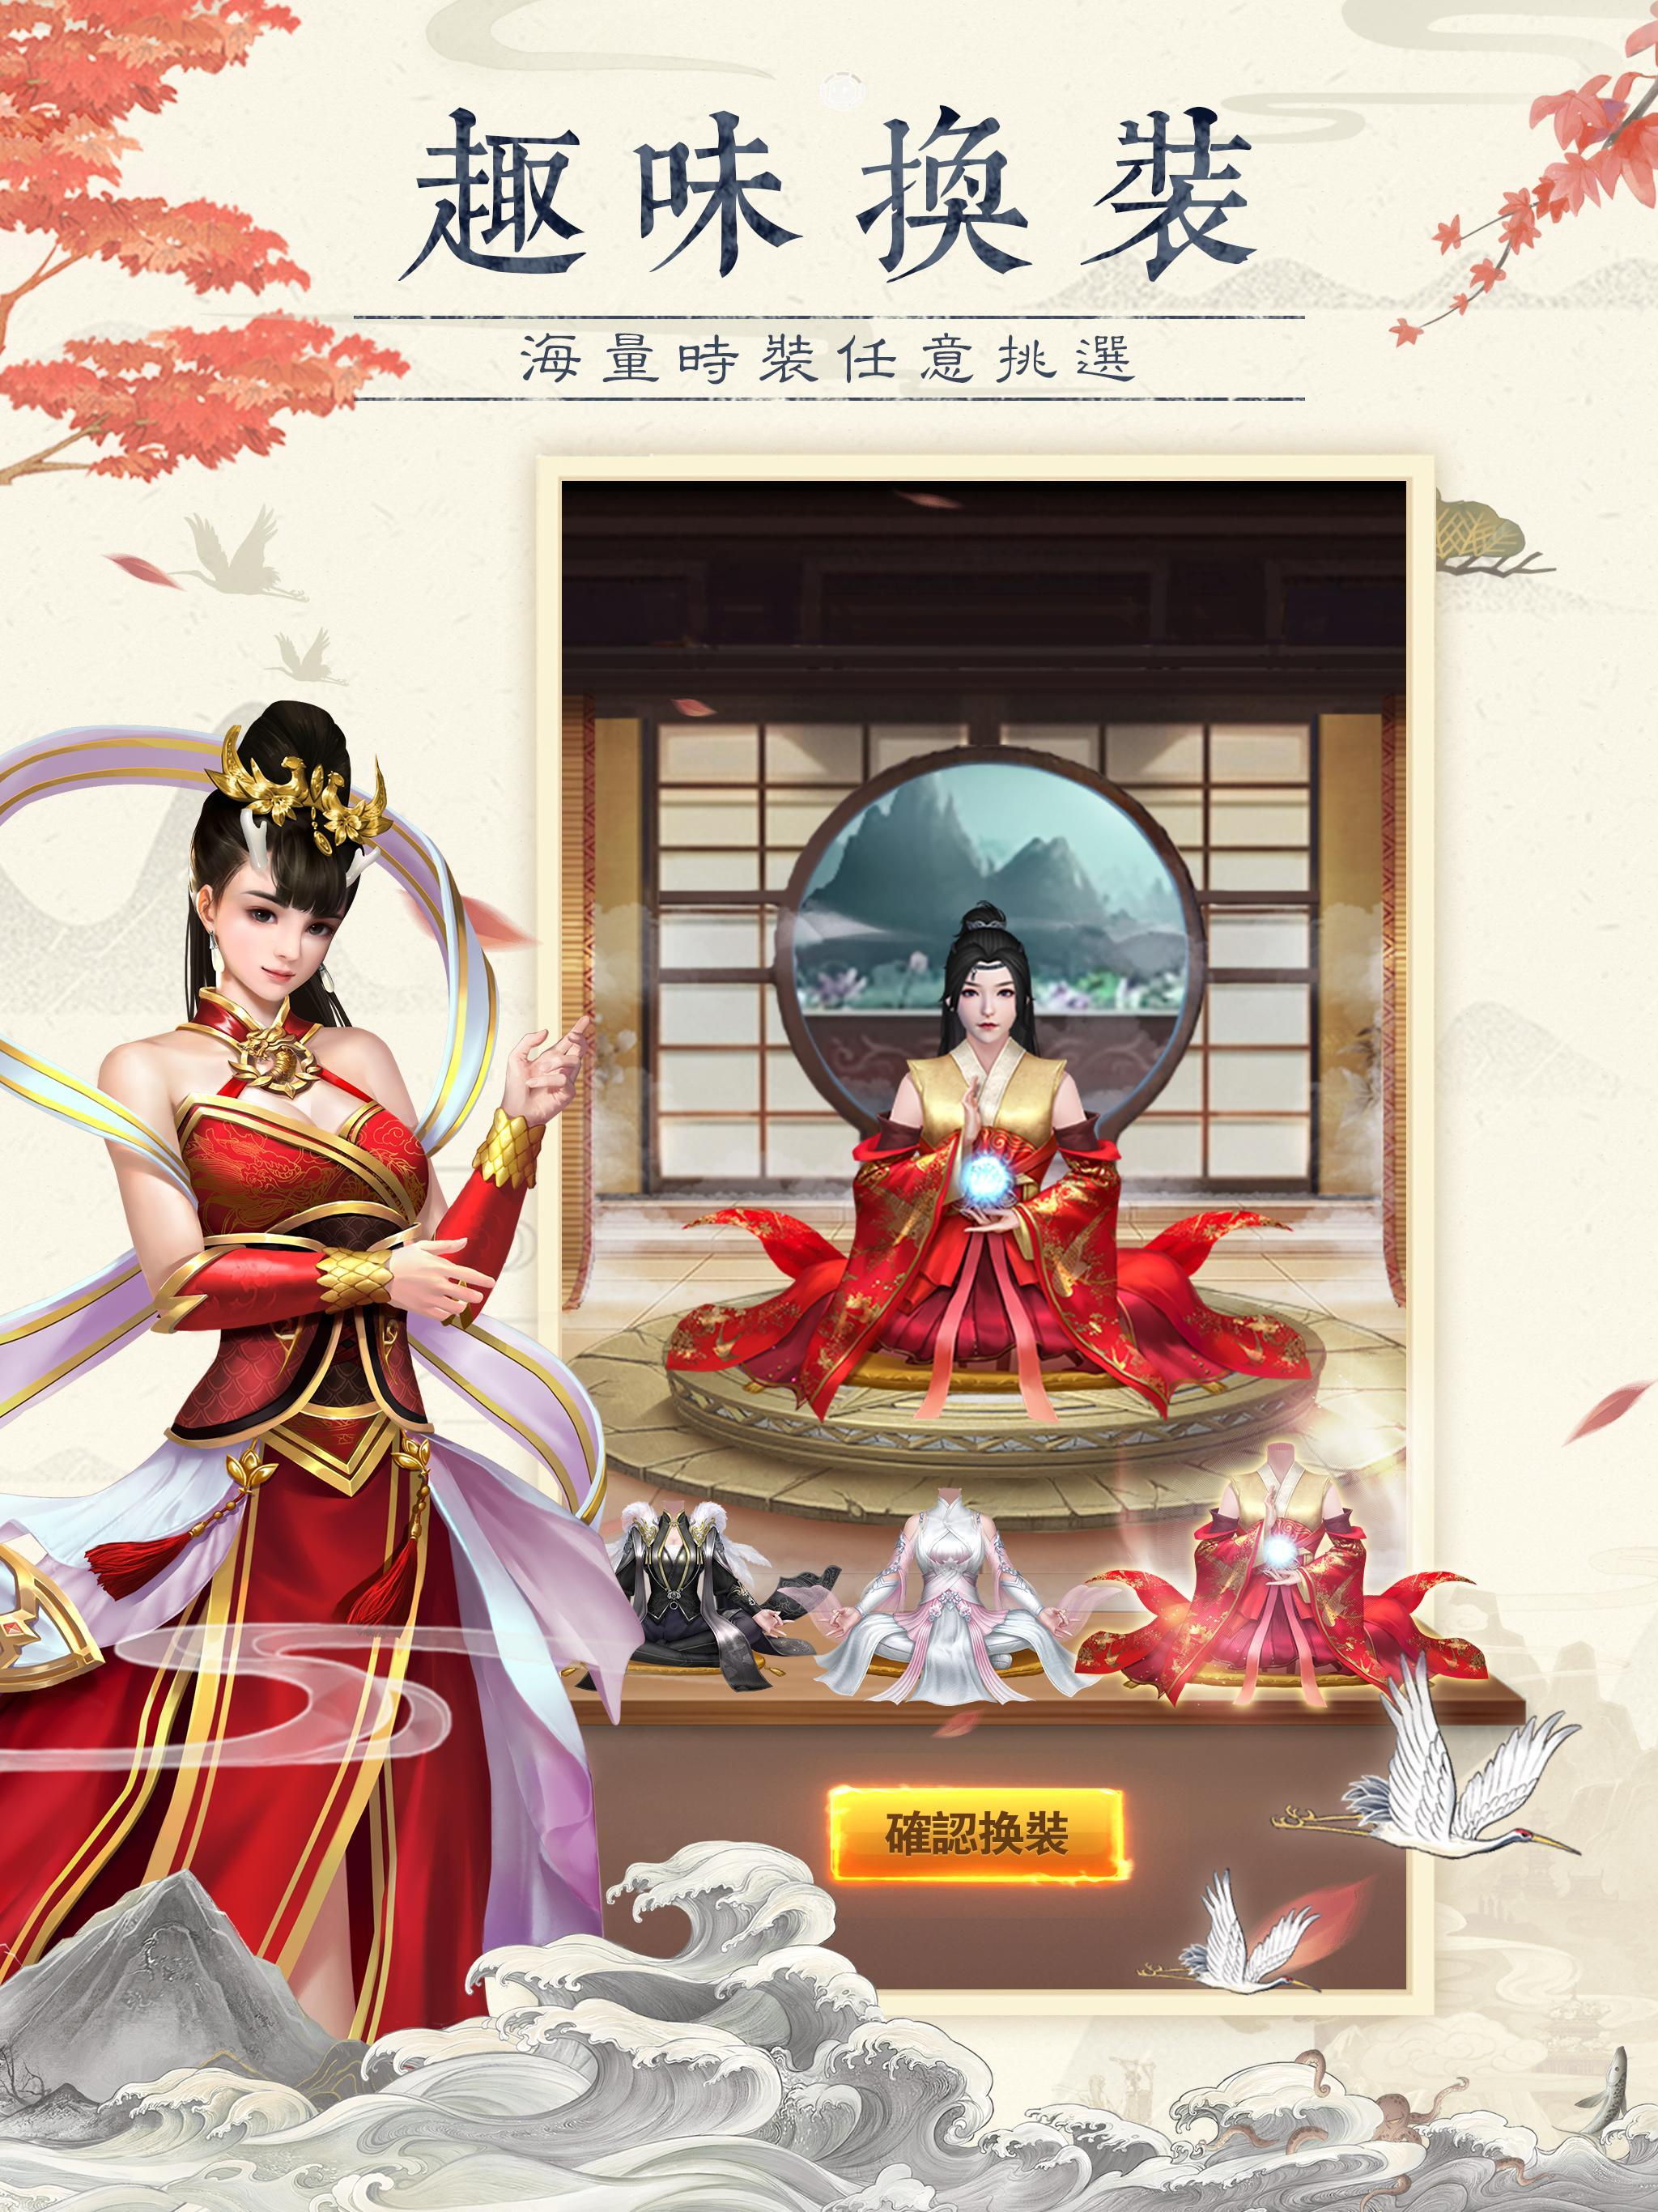 仙命決——俠侶雙修,道友PVP對決 1.3.2 Screenshot 10